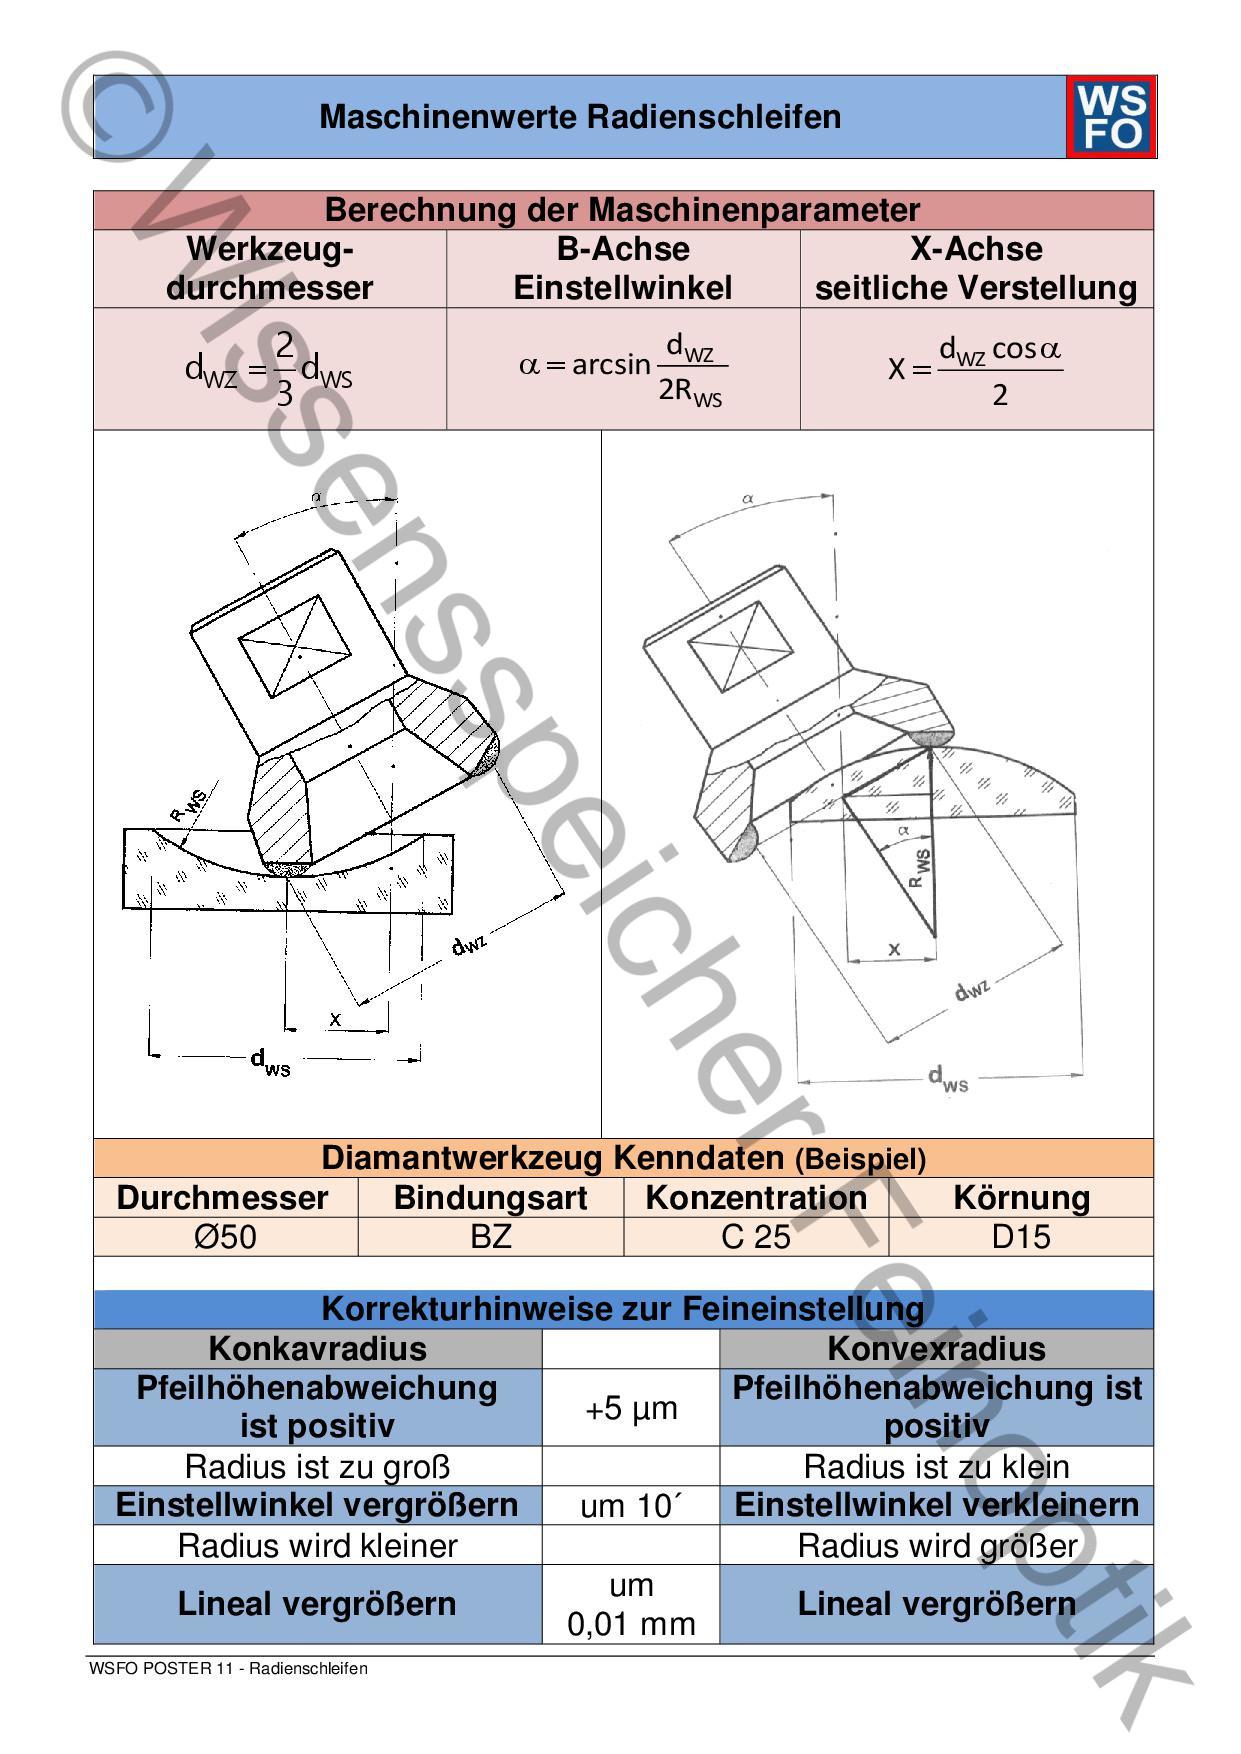 Poster 11: Radienschleifen